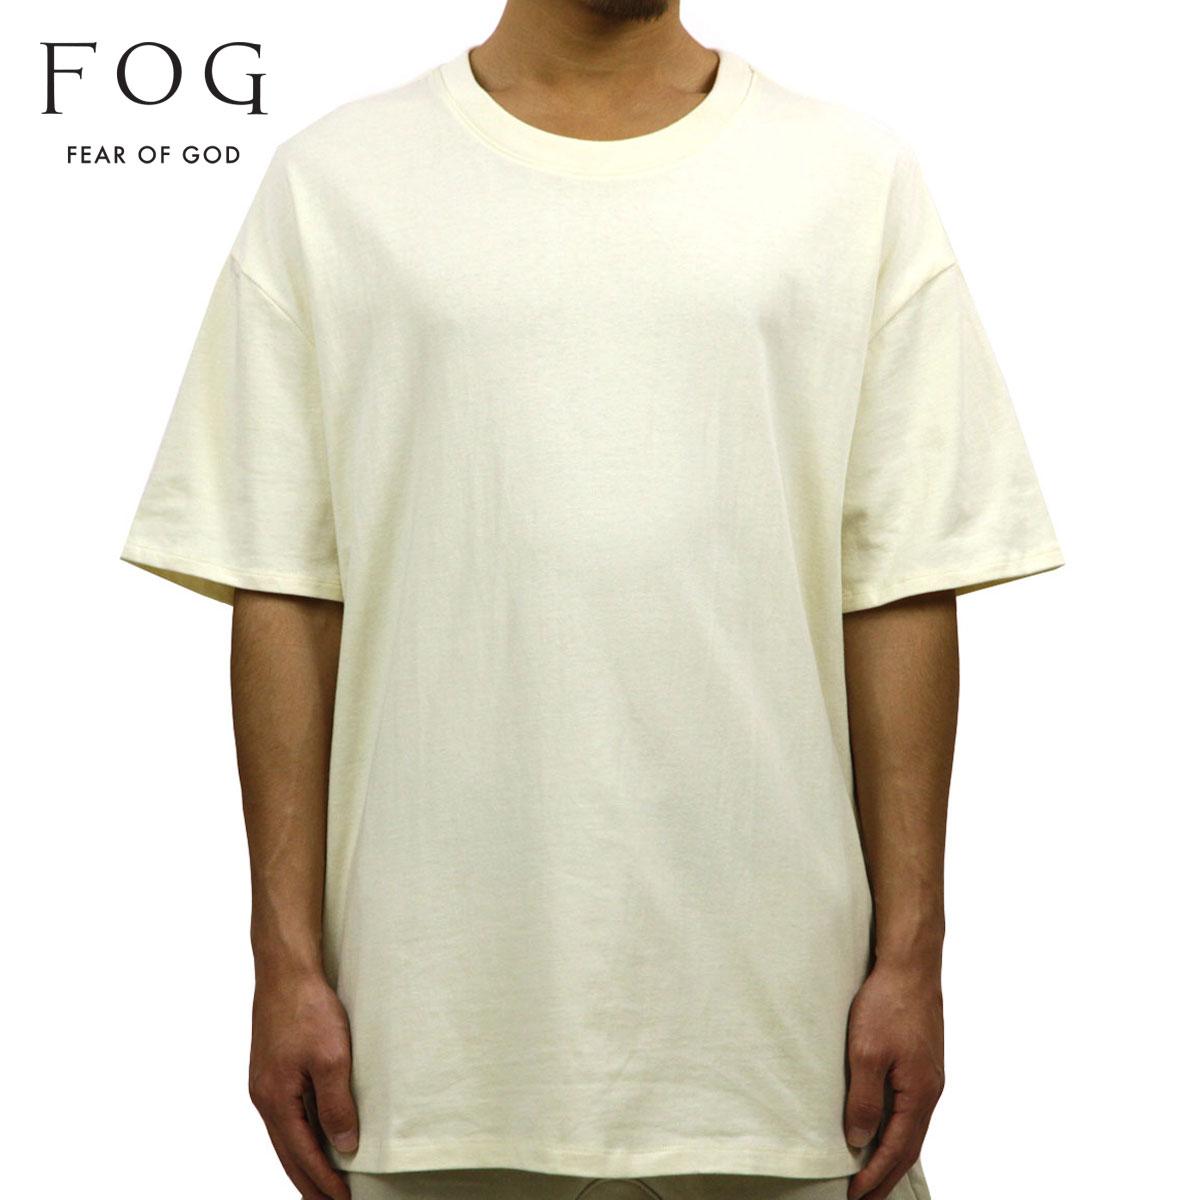 フィアオブゴッド FEAR OF GOD 正規品 メンズ クルーネック 無地 半袖Tシャツ FOG - FEAR OF GOD ESSENTIALS BOXY T-SHIRT CREAM